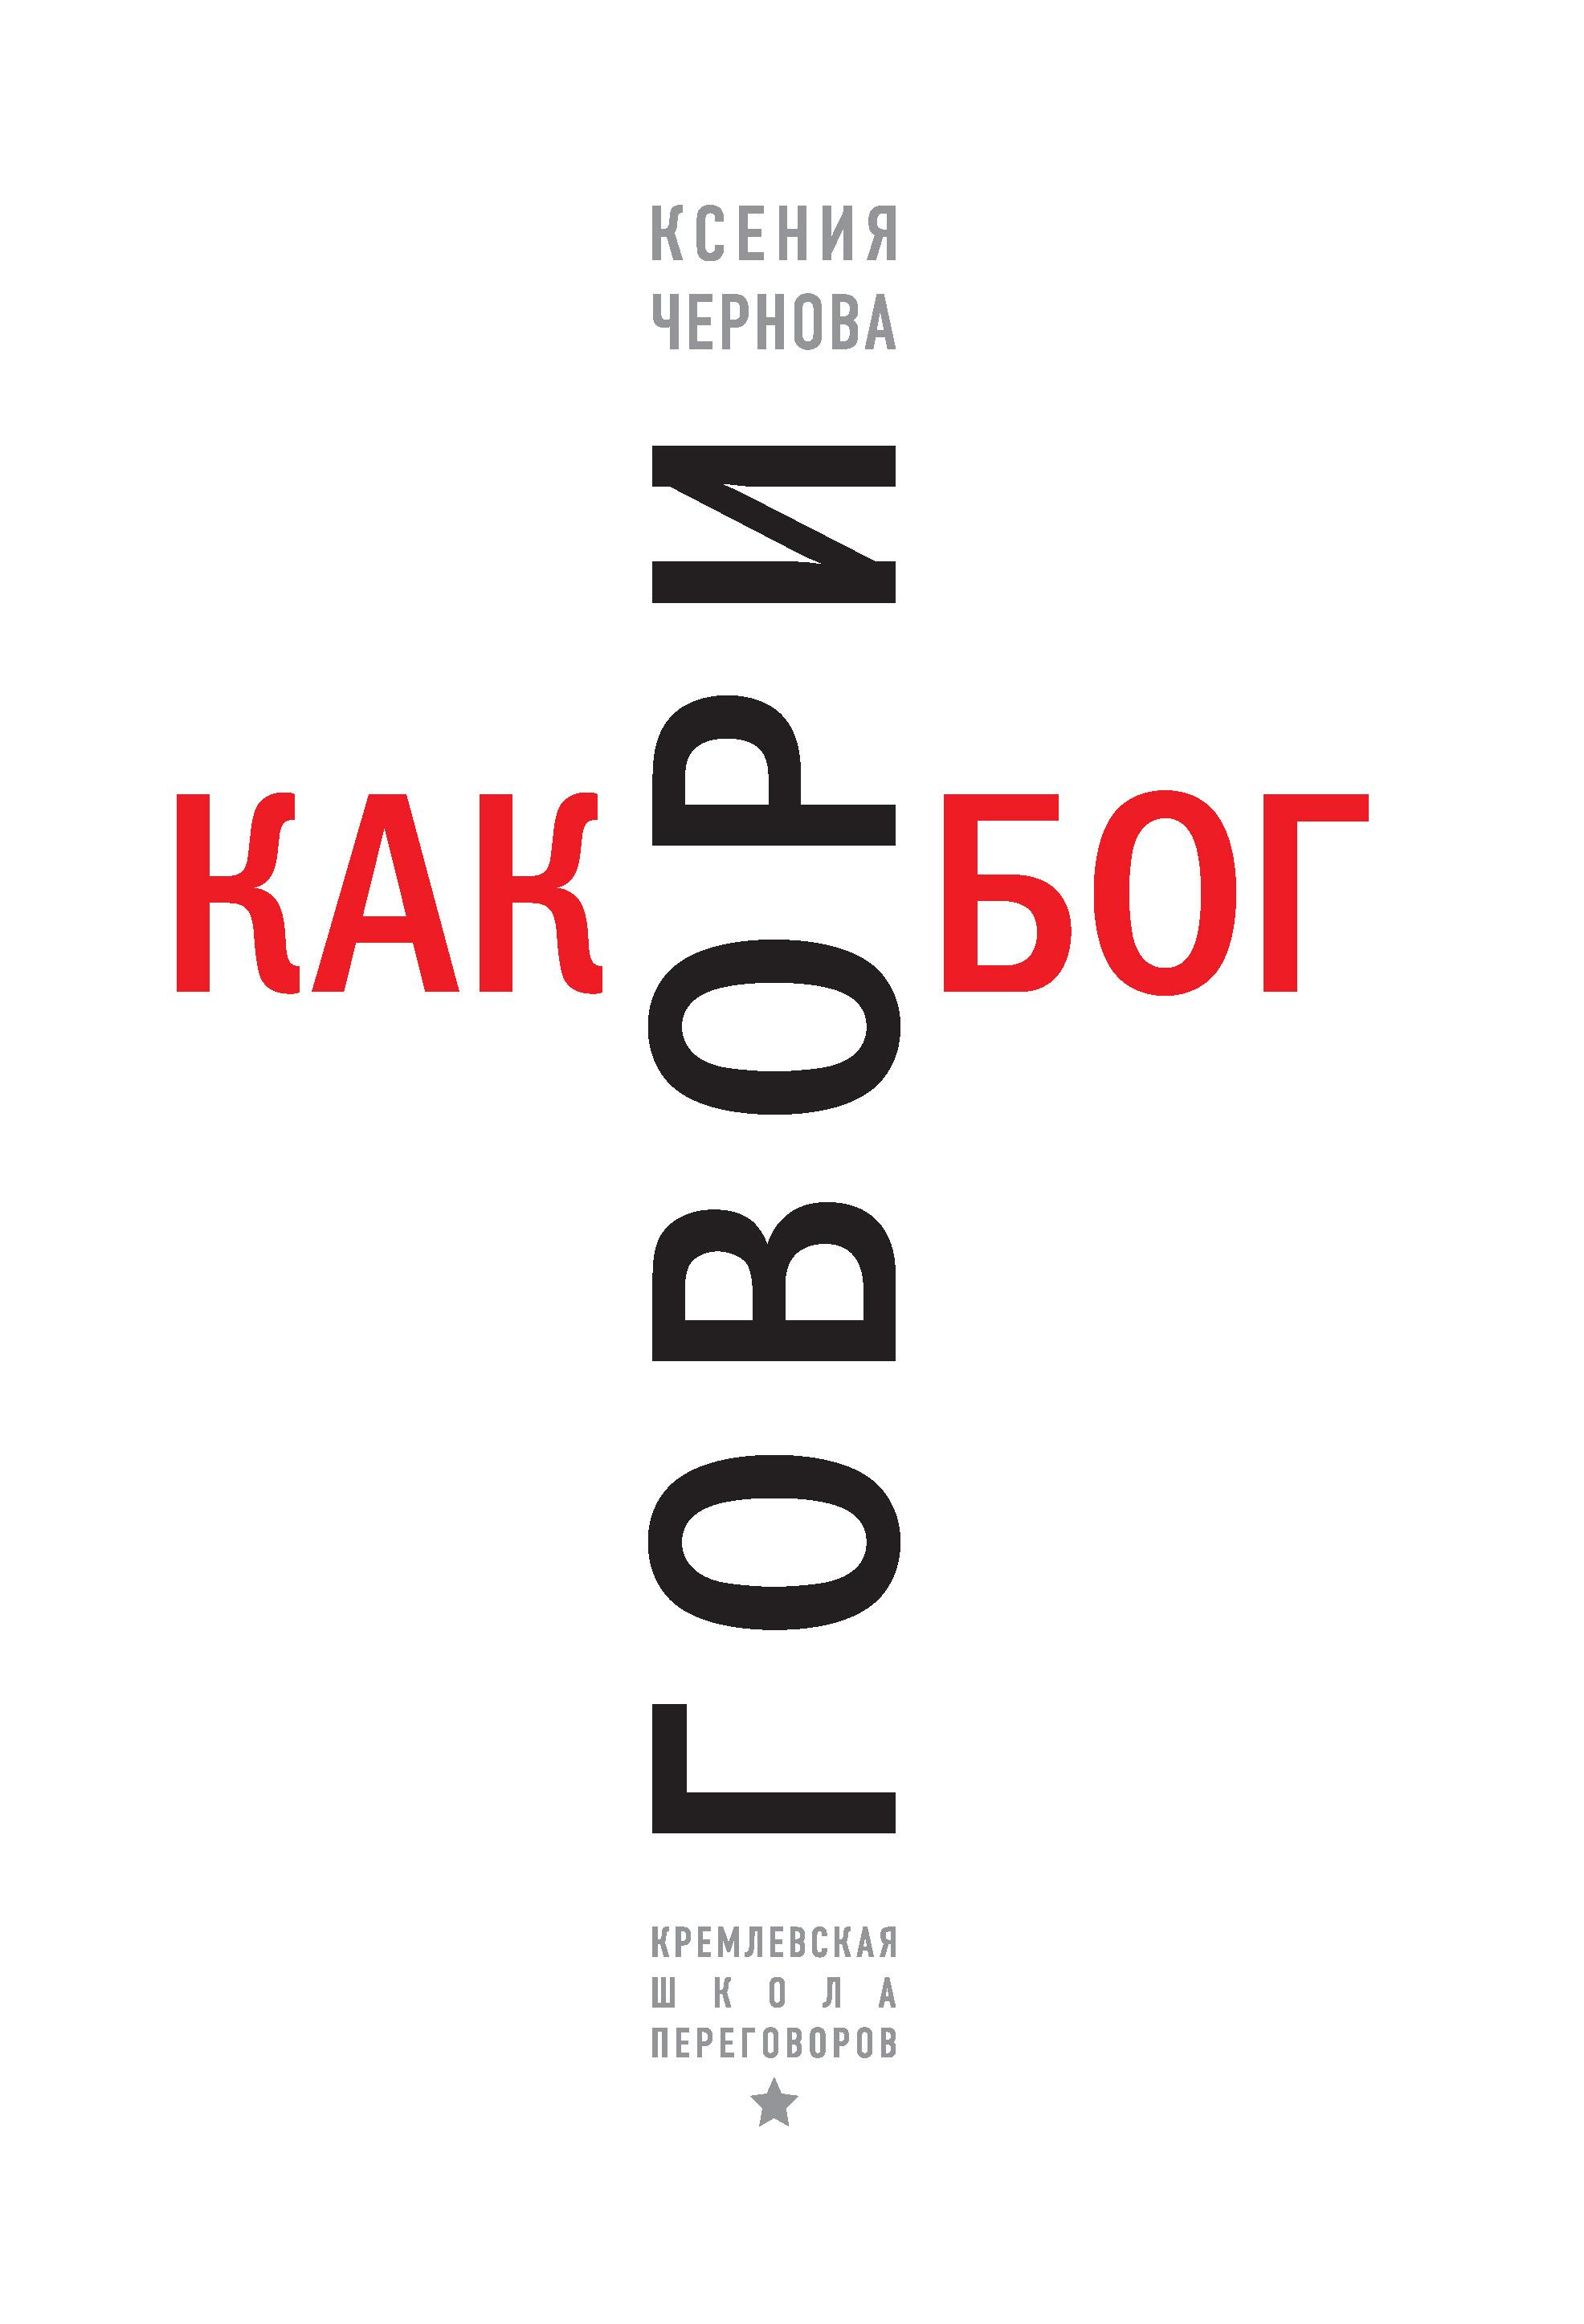 Ксения Чернова, Бомбора «Говори как бог»